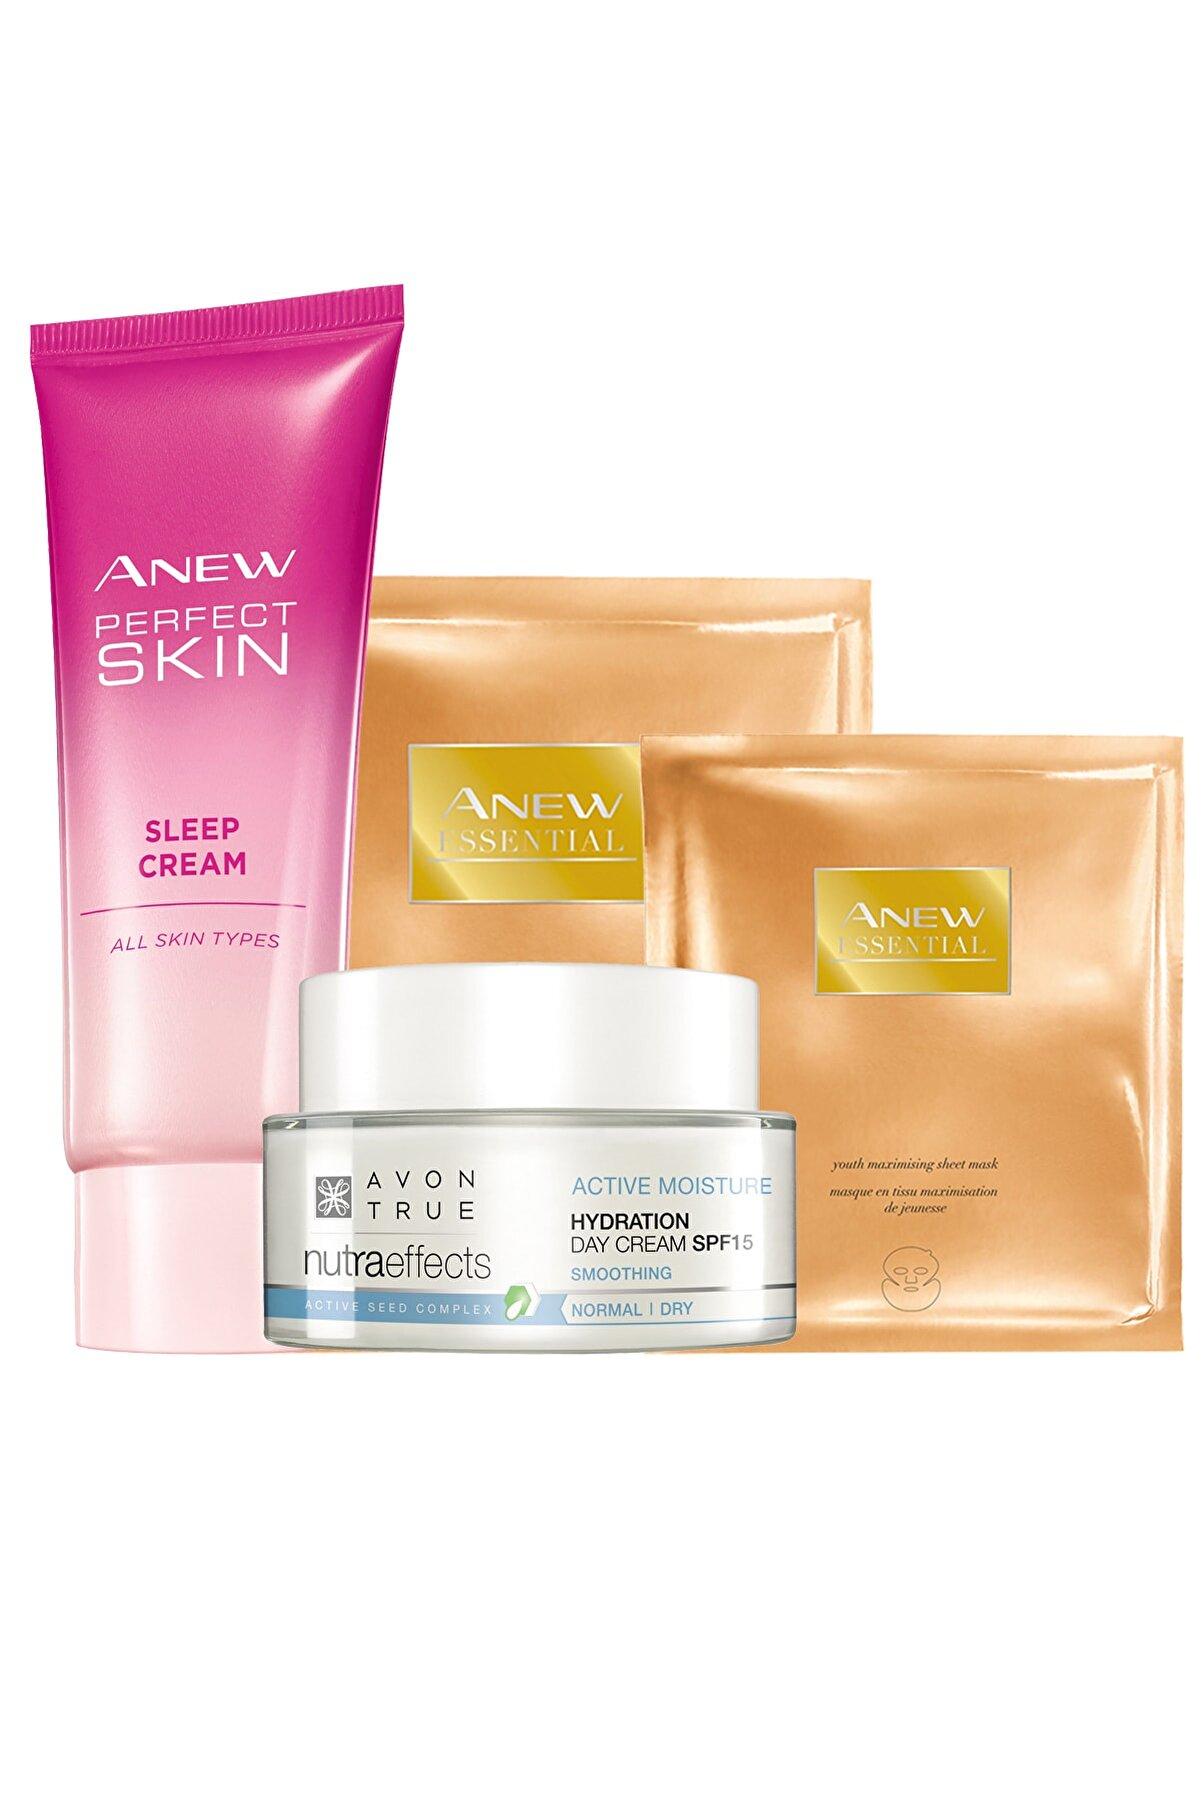 Avon Anew Kağıt Maske Ve Gece Gündüz Yüz Kremi Paketi 8681298707202